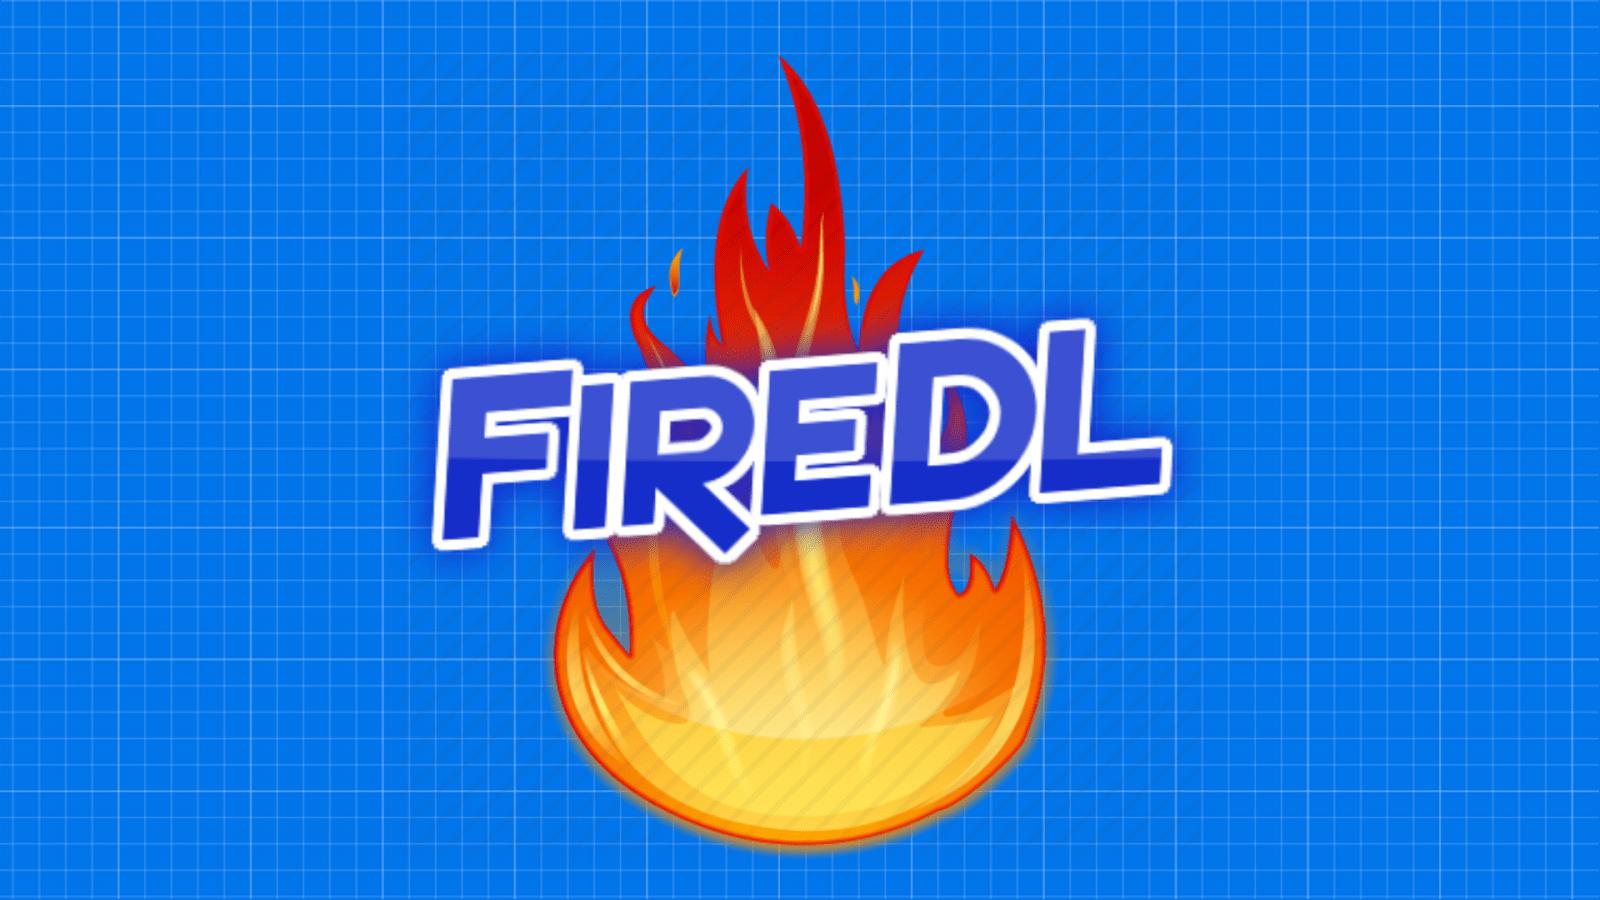 Install FireDL on Firestick